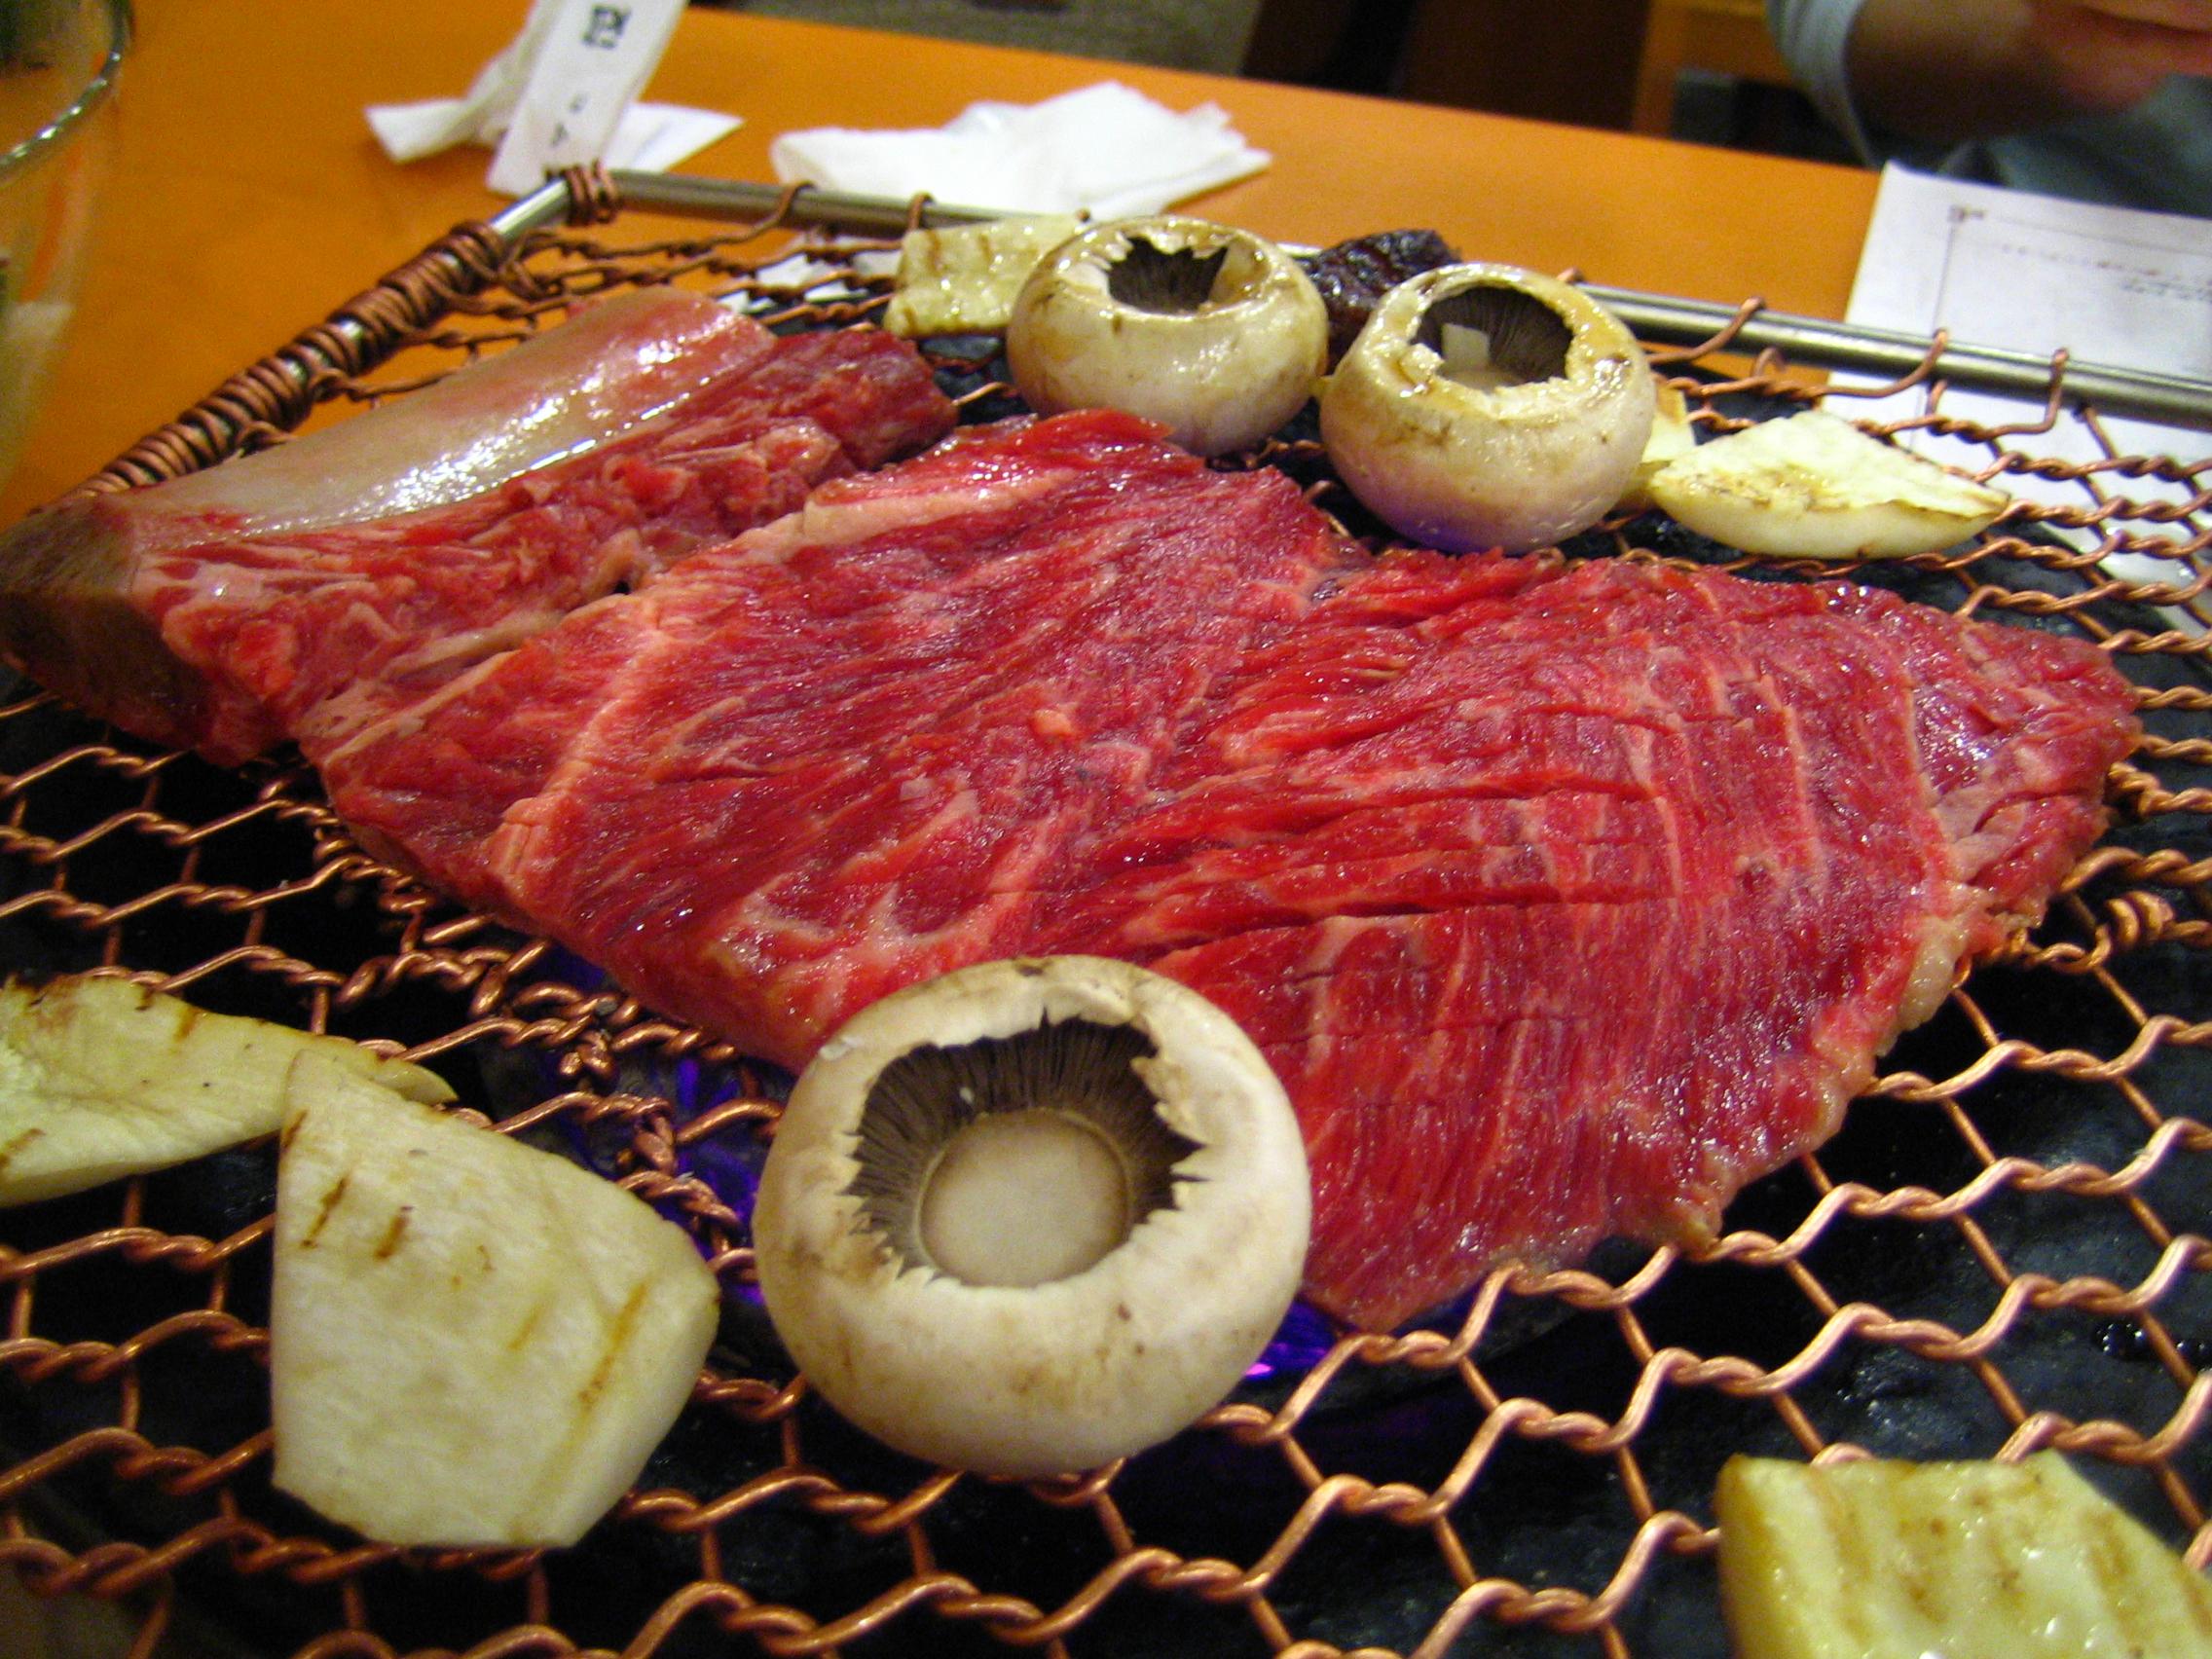 韓国焼肉で知っておくべきこと!おすすめはサムギョプサルとデジカルビ!